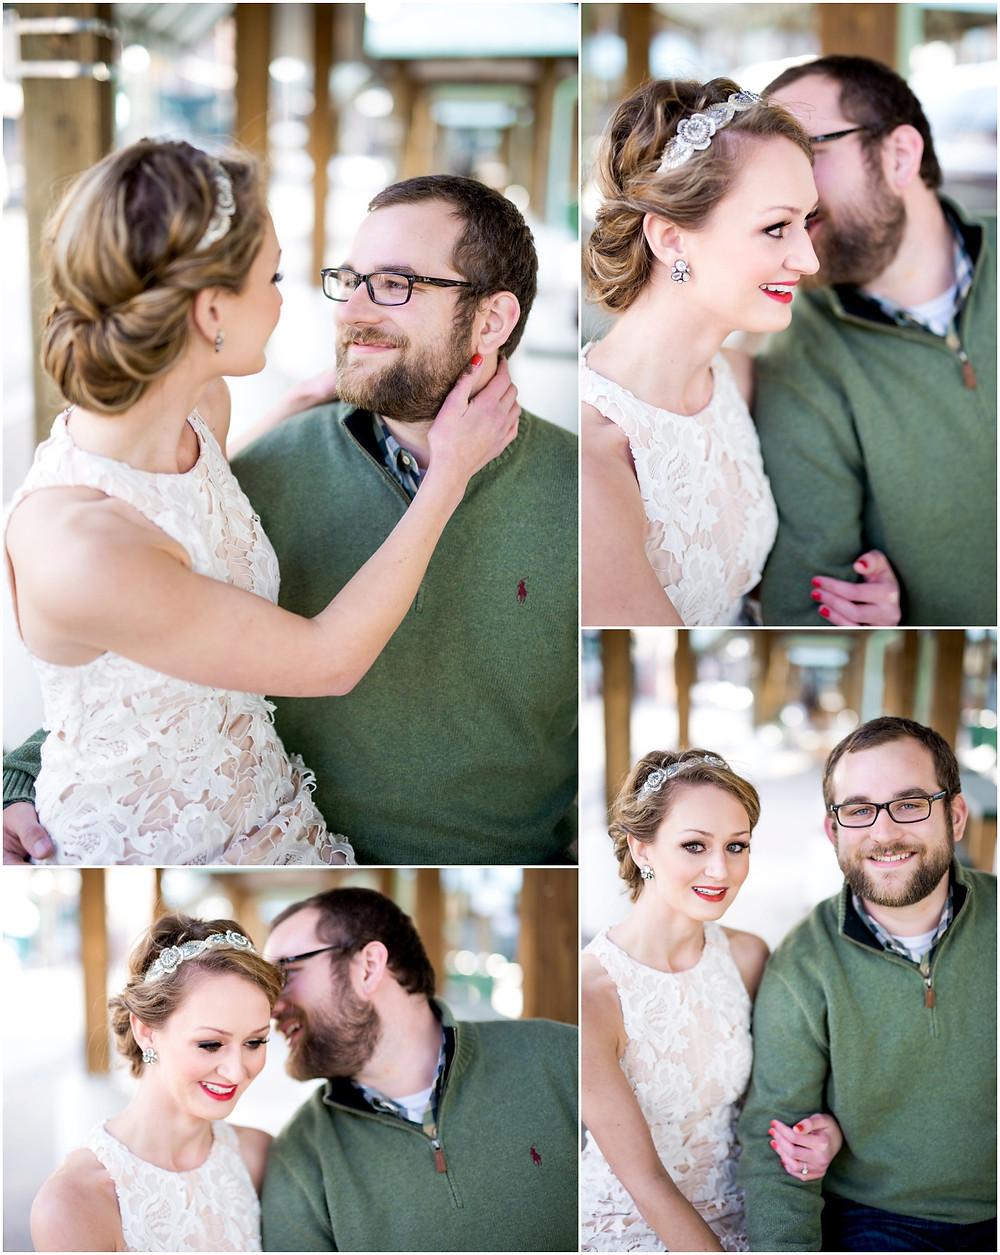 Richmond-virginia-wedding-photographer-marek-k-photography_0423.jpg